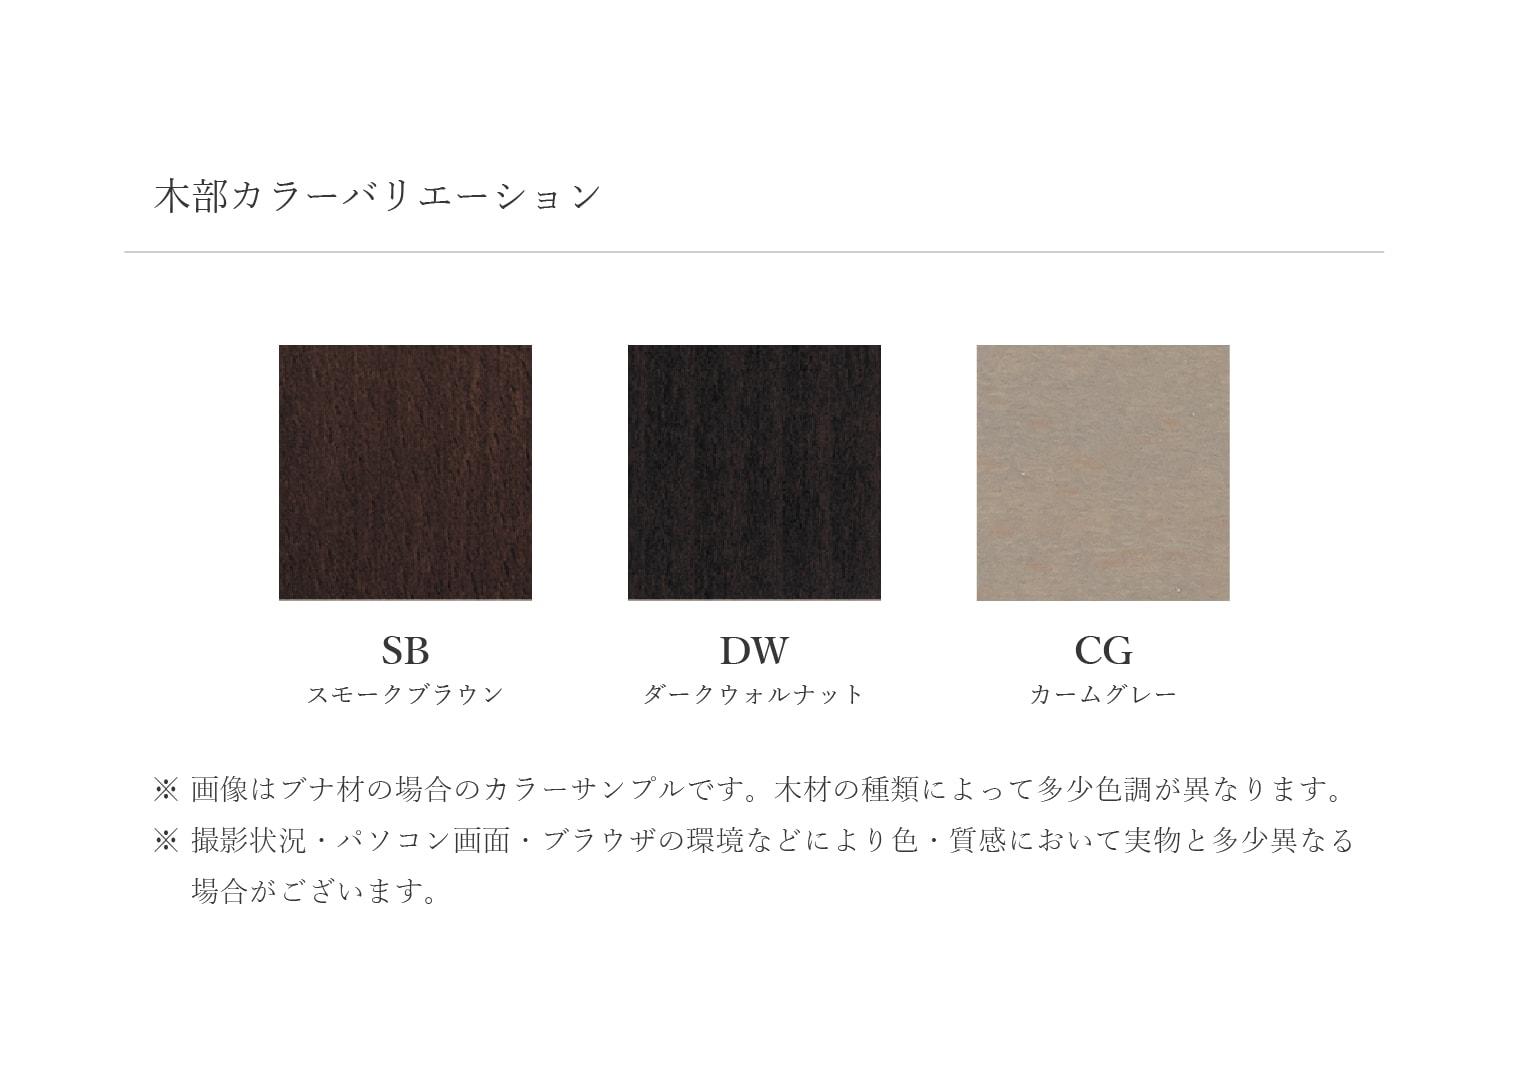 VT-118 木部カラー